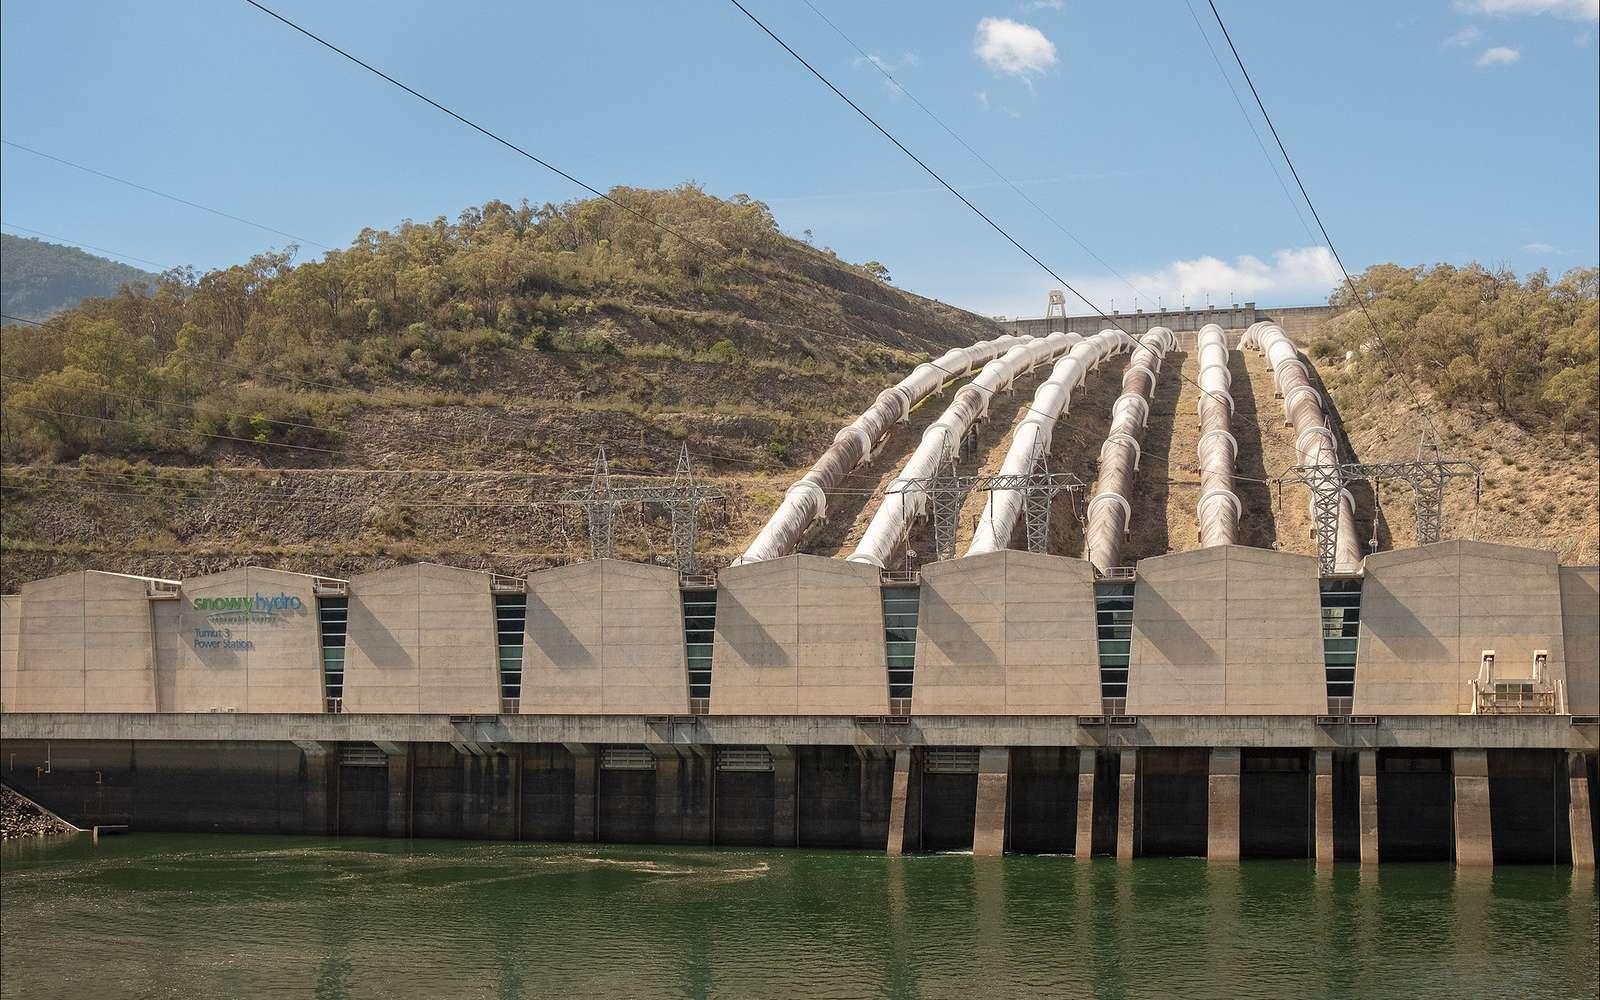 Une station de transfert d'énergie par pompage (Step) exploite la différence d'altitude entre deux réservoirs d'eau pour stocker l'électricité. © Peter Williams, Flickr